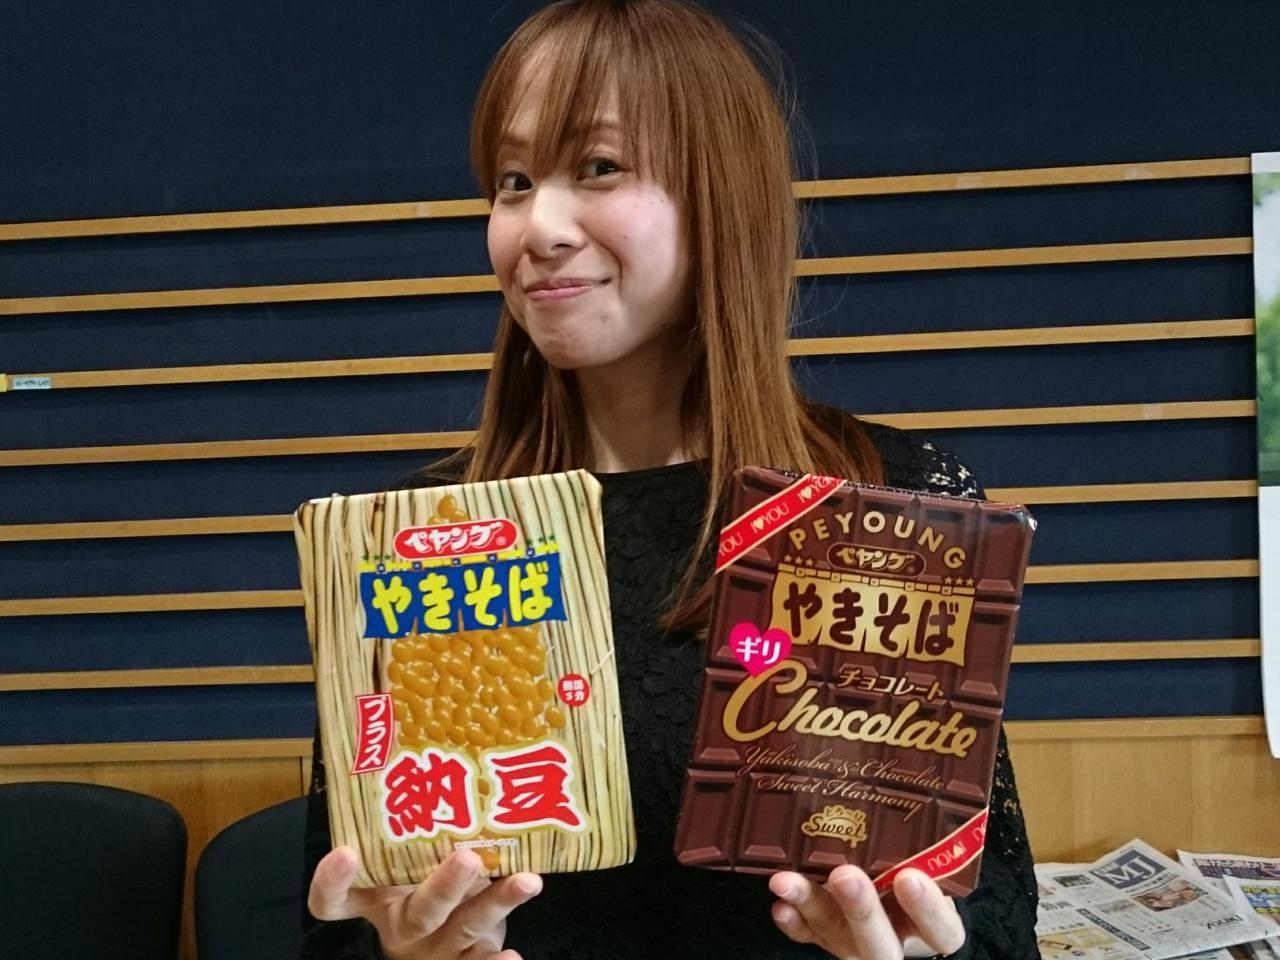 画像: 甘〜い香りのチョコレートと、朝ごはんのお供の納豆・・・ みなさんはもう食べましたか?